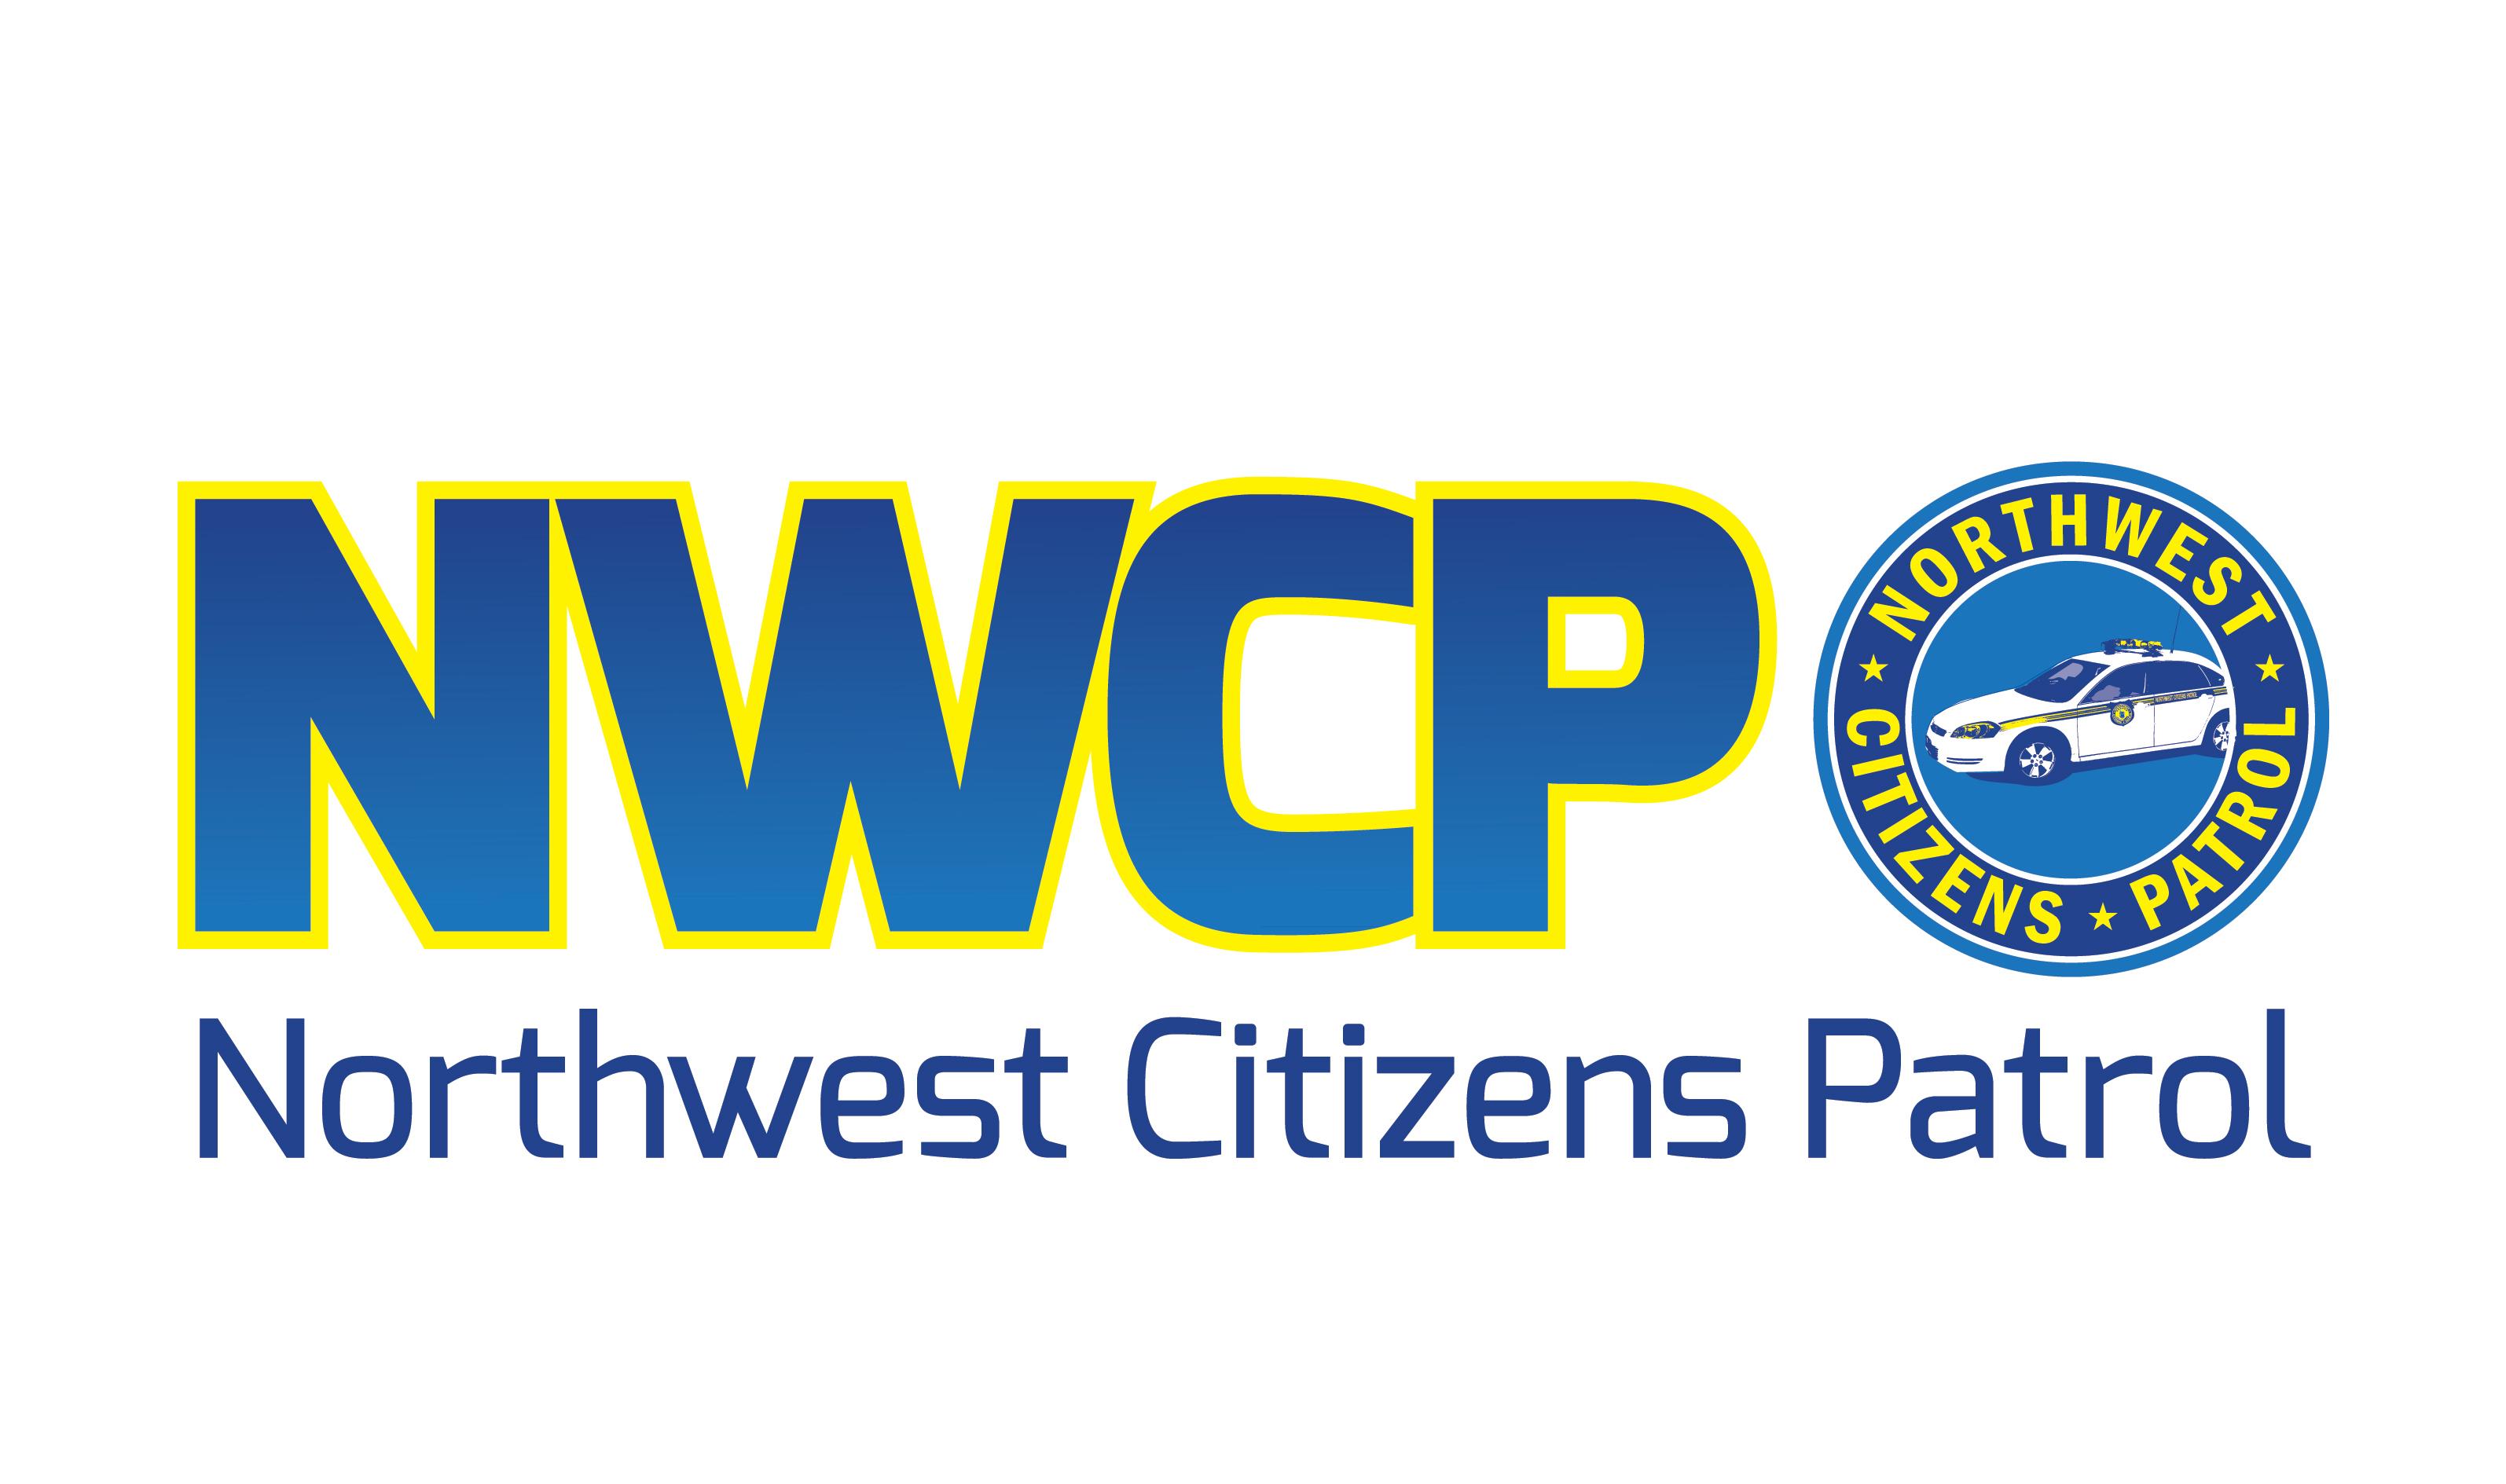 Northwest Citizens Patrol